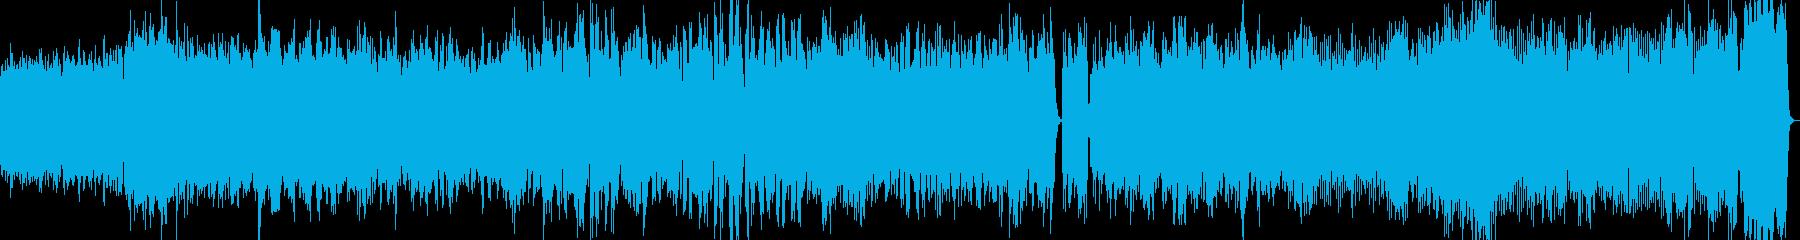 ダークで悲壮感の漂うストリングス曲の再生済みの波形